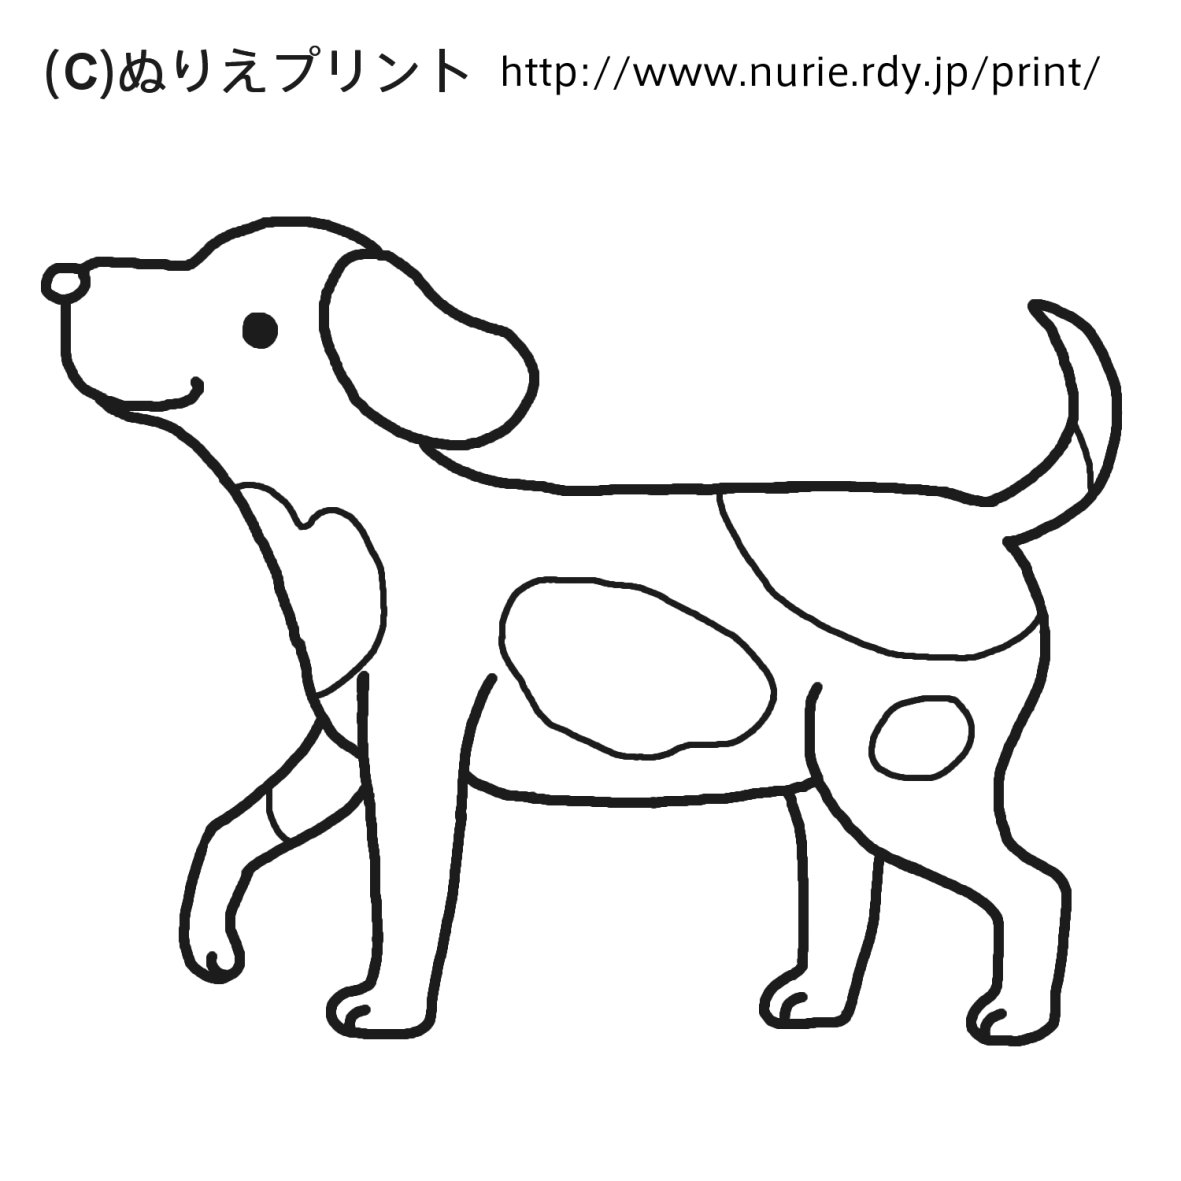 ぬりえ/無料/犬(いぬ)/動物/こどものぬりえ